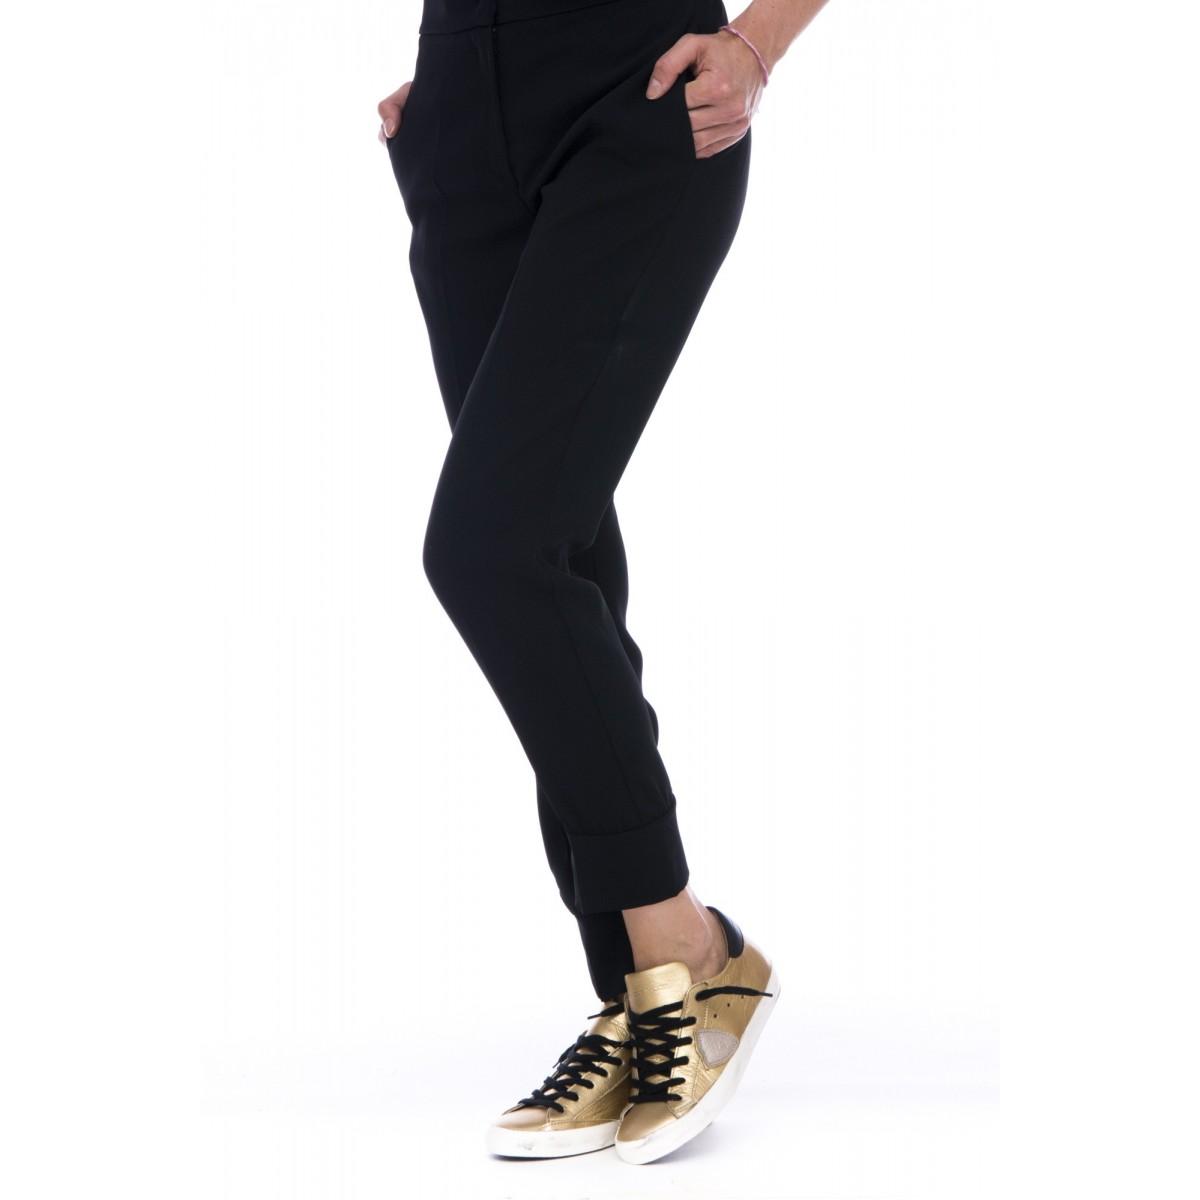 Pantalone donna Jucca - J4010 pantalone jogging